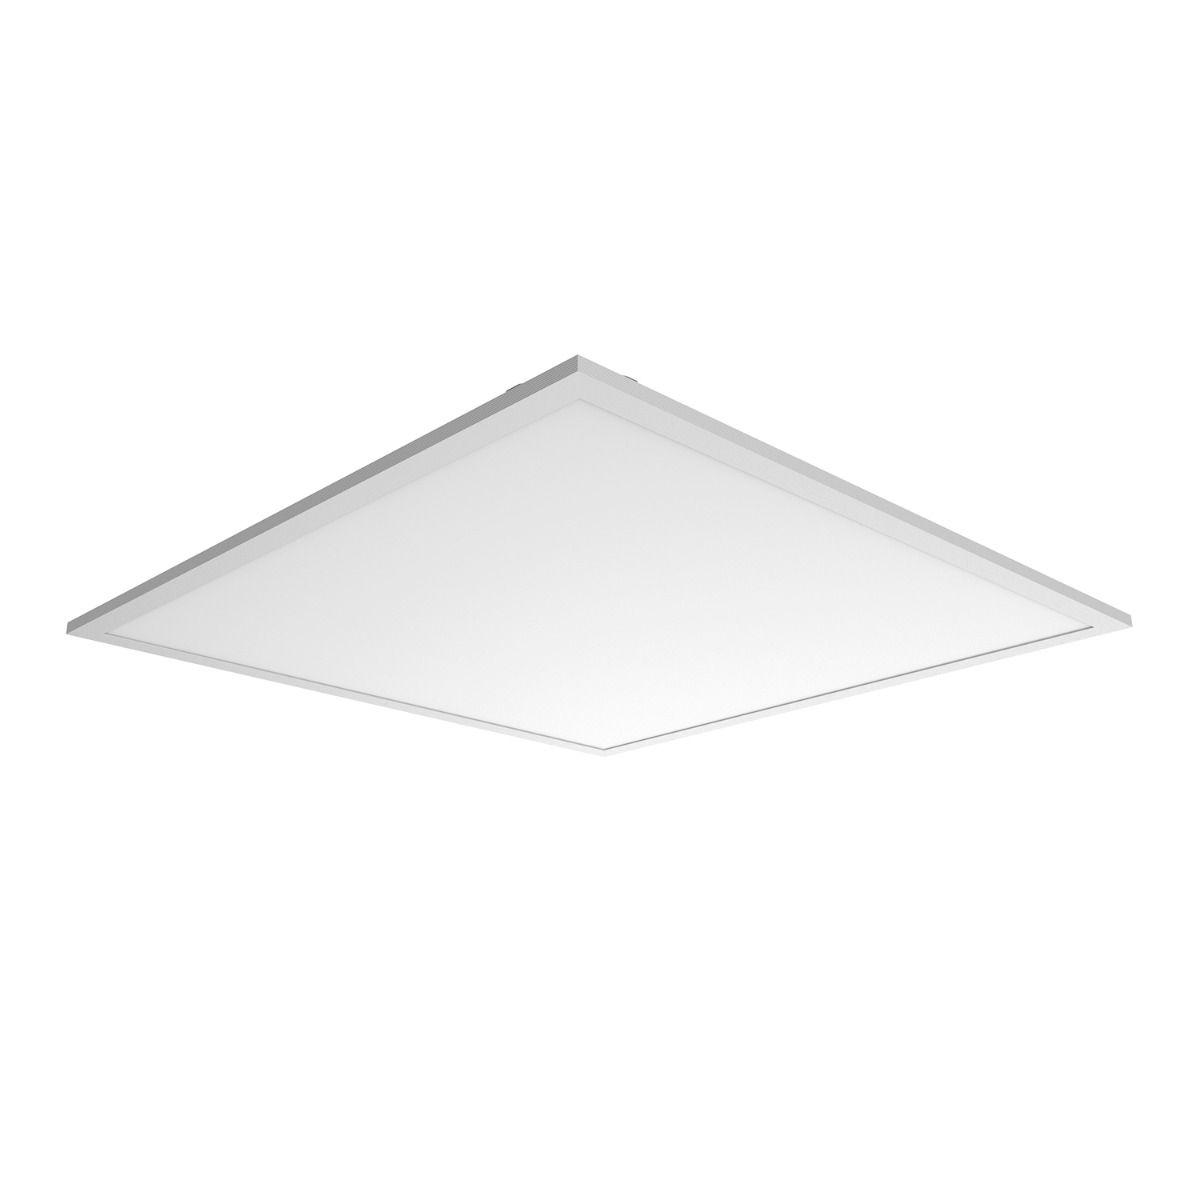 Noxion LED Paneeli Delta Pro V3 30W 3000K 3960lm 60x60cm UGR <22 | Lämmin Valkoinen - Korvaa 4x18W